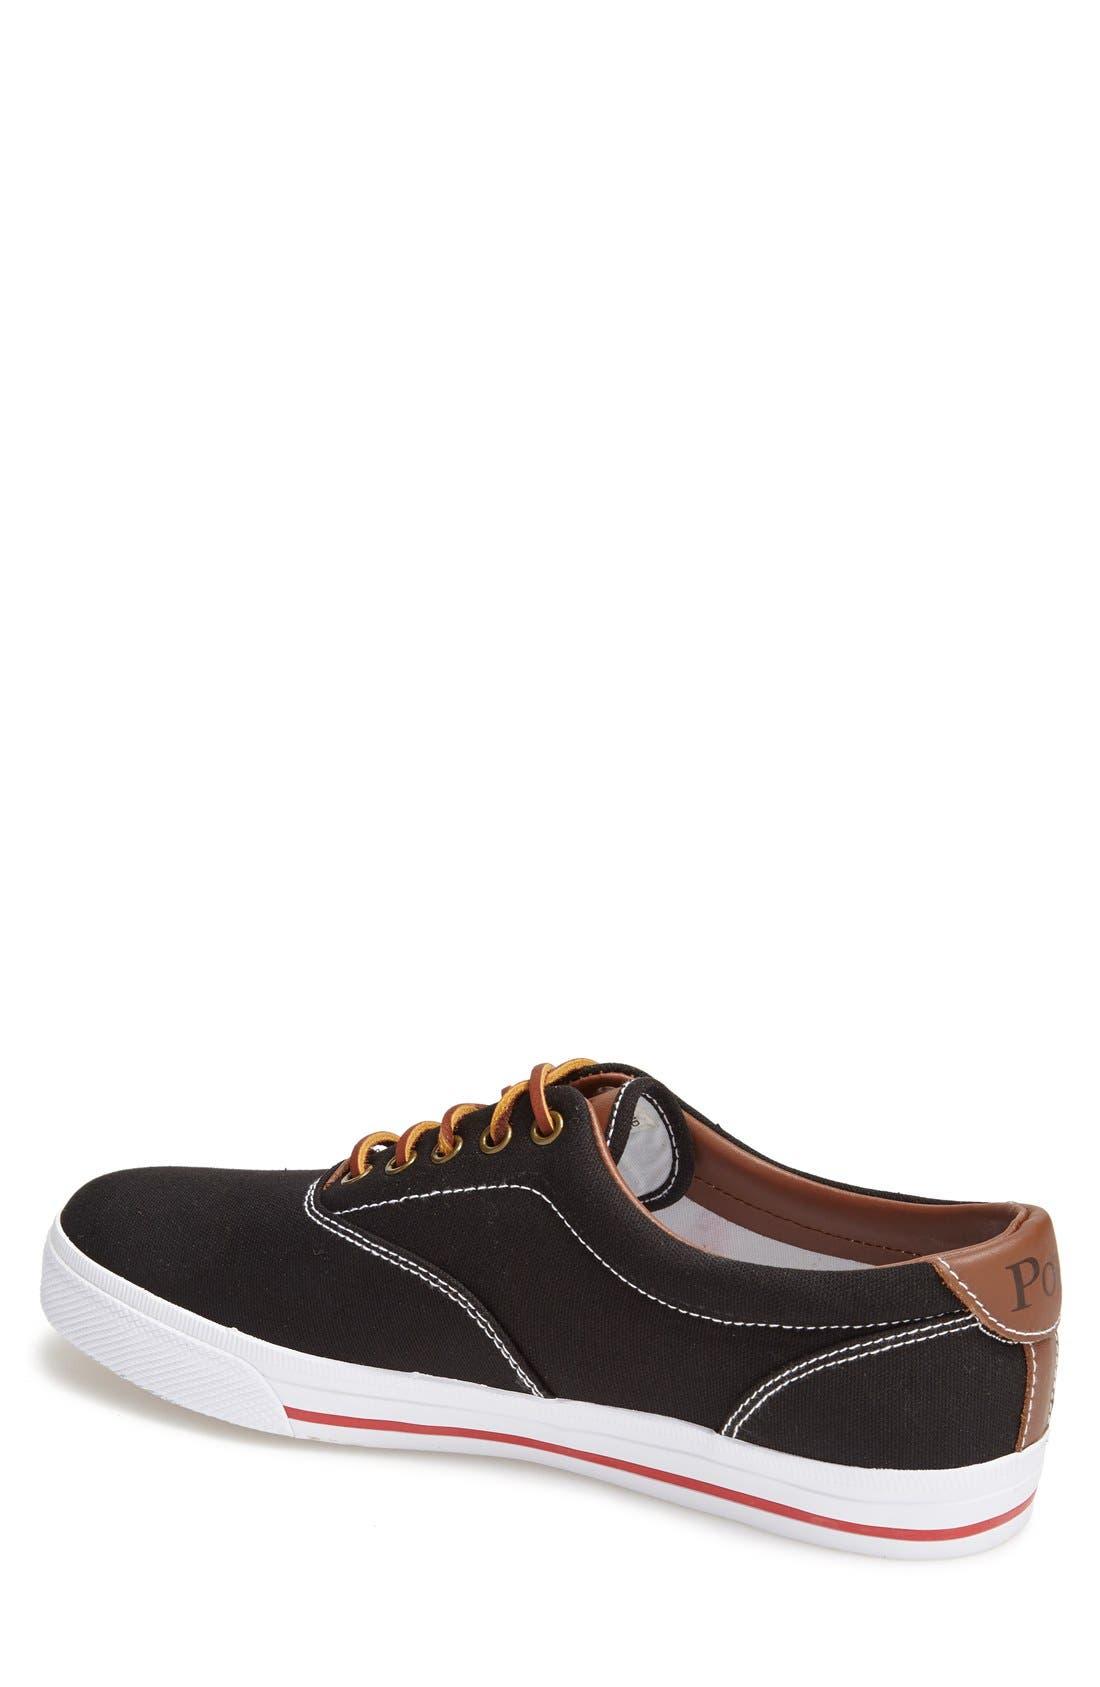 'Vaughn' Sneaker,                             Alternate thumbnail 2, color,                             001